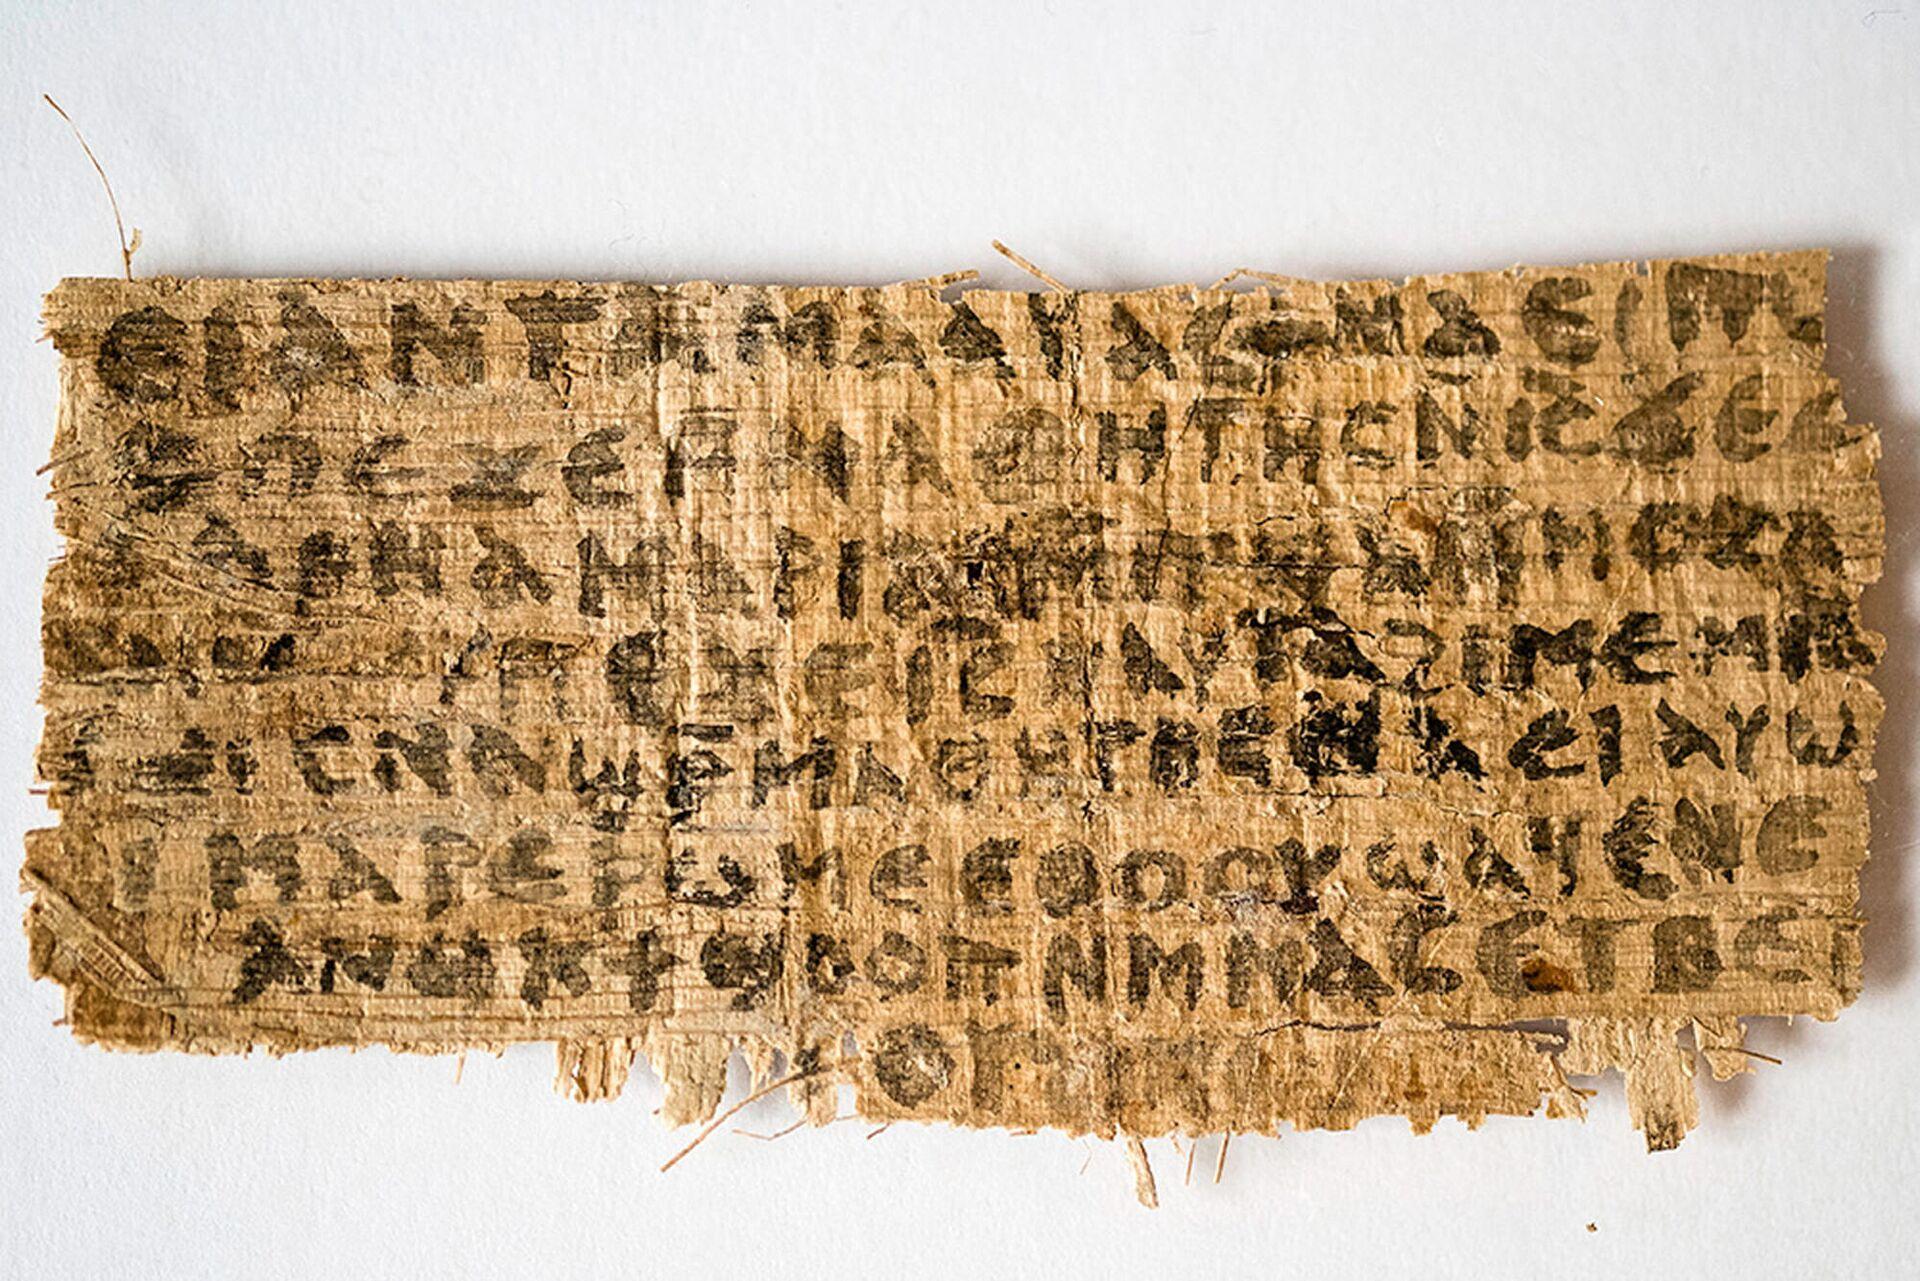 Подделка фрагмента папируса Евангелие от жены Иисуса - ПРОФИ Новости, 1920, 03.08.2021